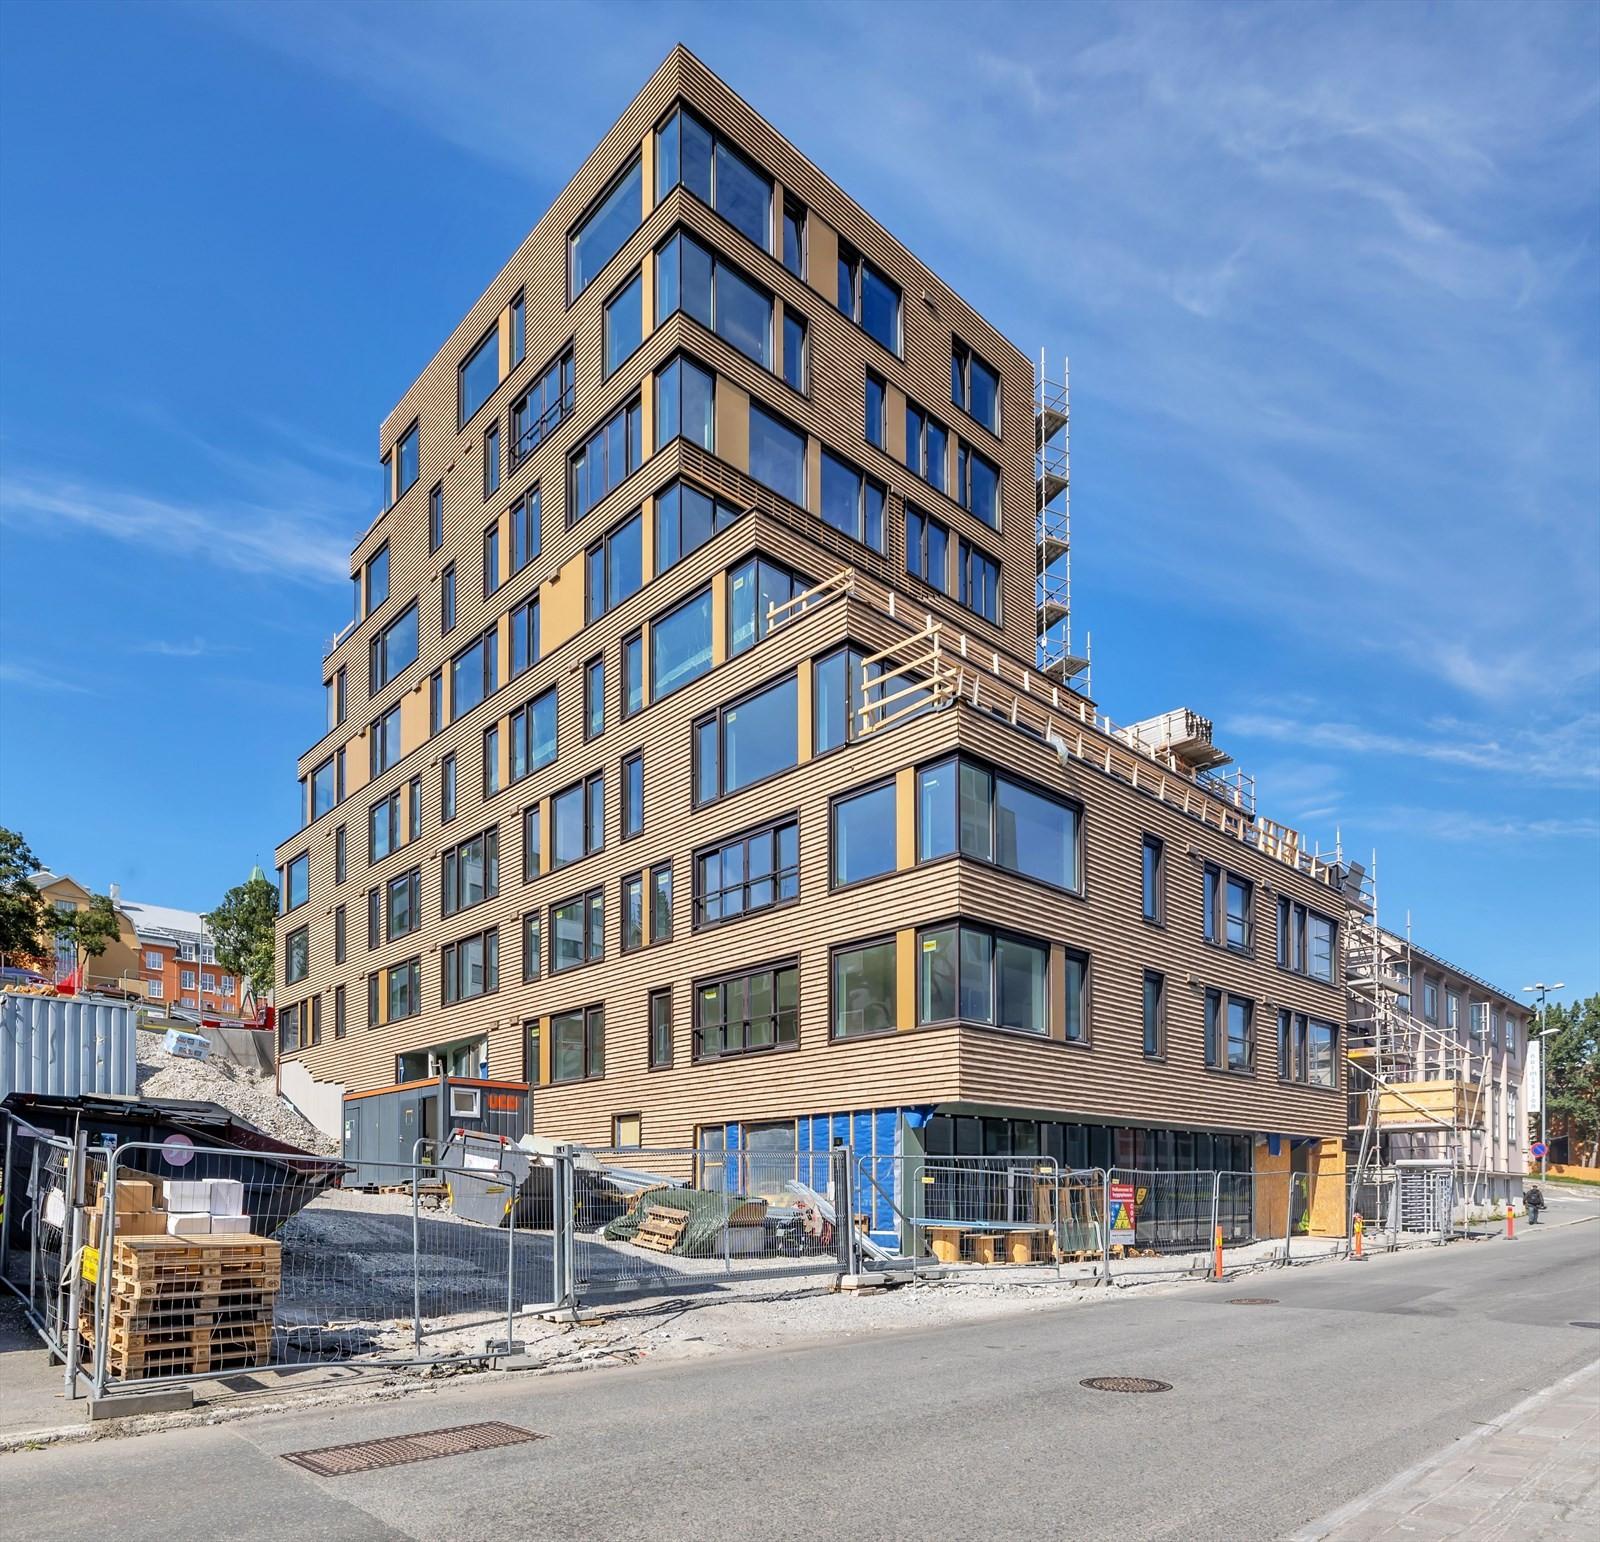 Ny bolig blokk i sentrum med 35 selveierleiligheter - med næringsareal i 1.etasje - Her kommer det noe spennende! adkomst fra syd i 2.etasje og nord mot Kongsparken i 3.etasje